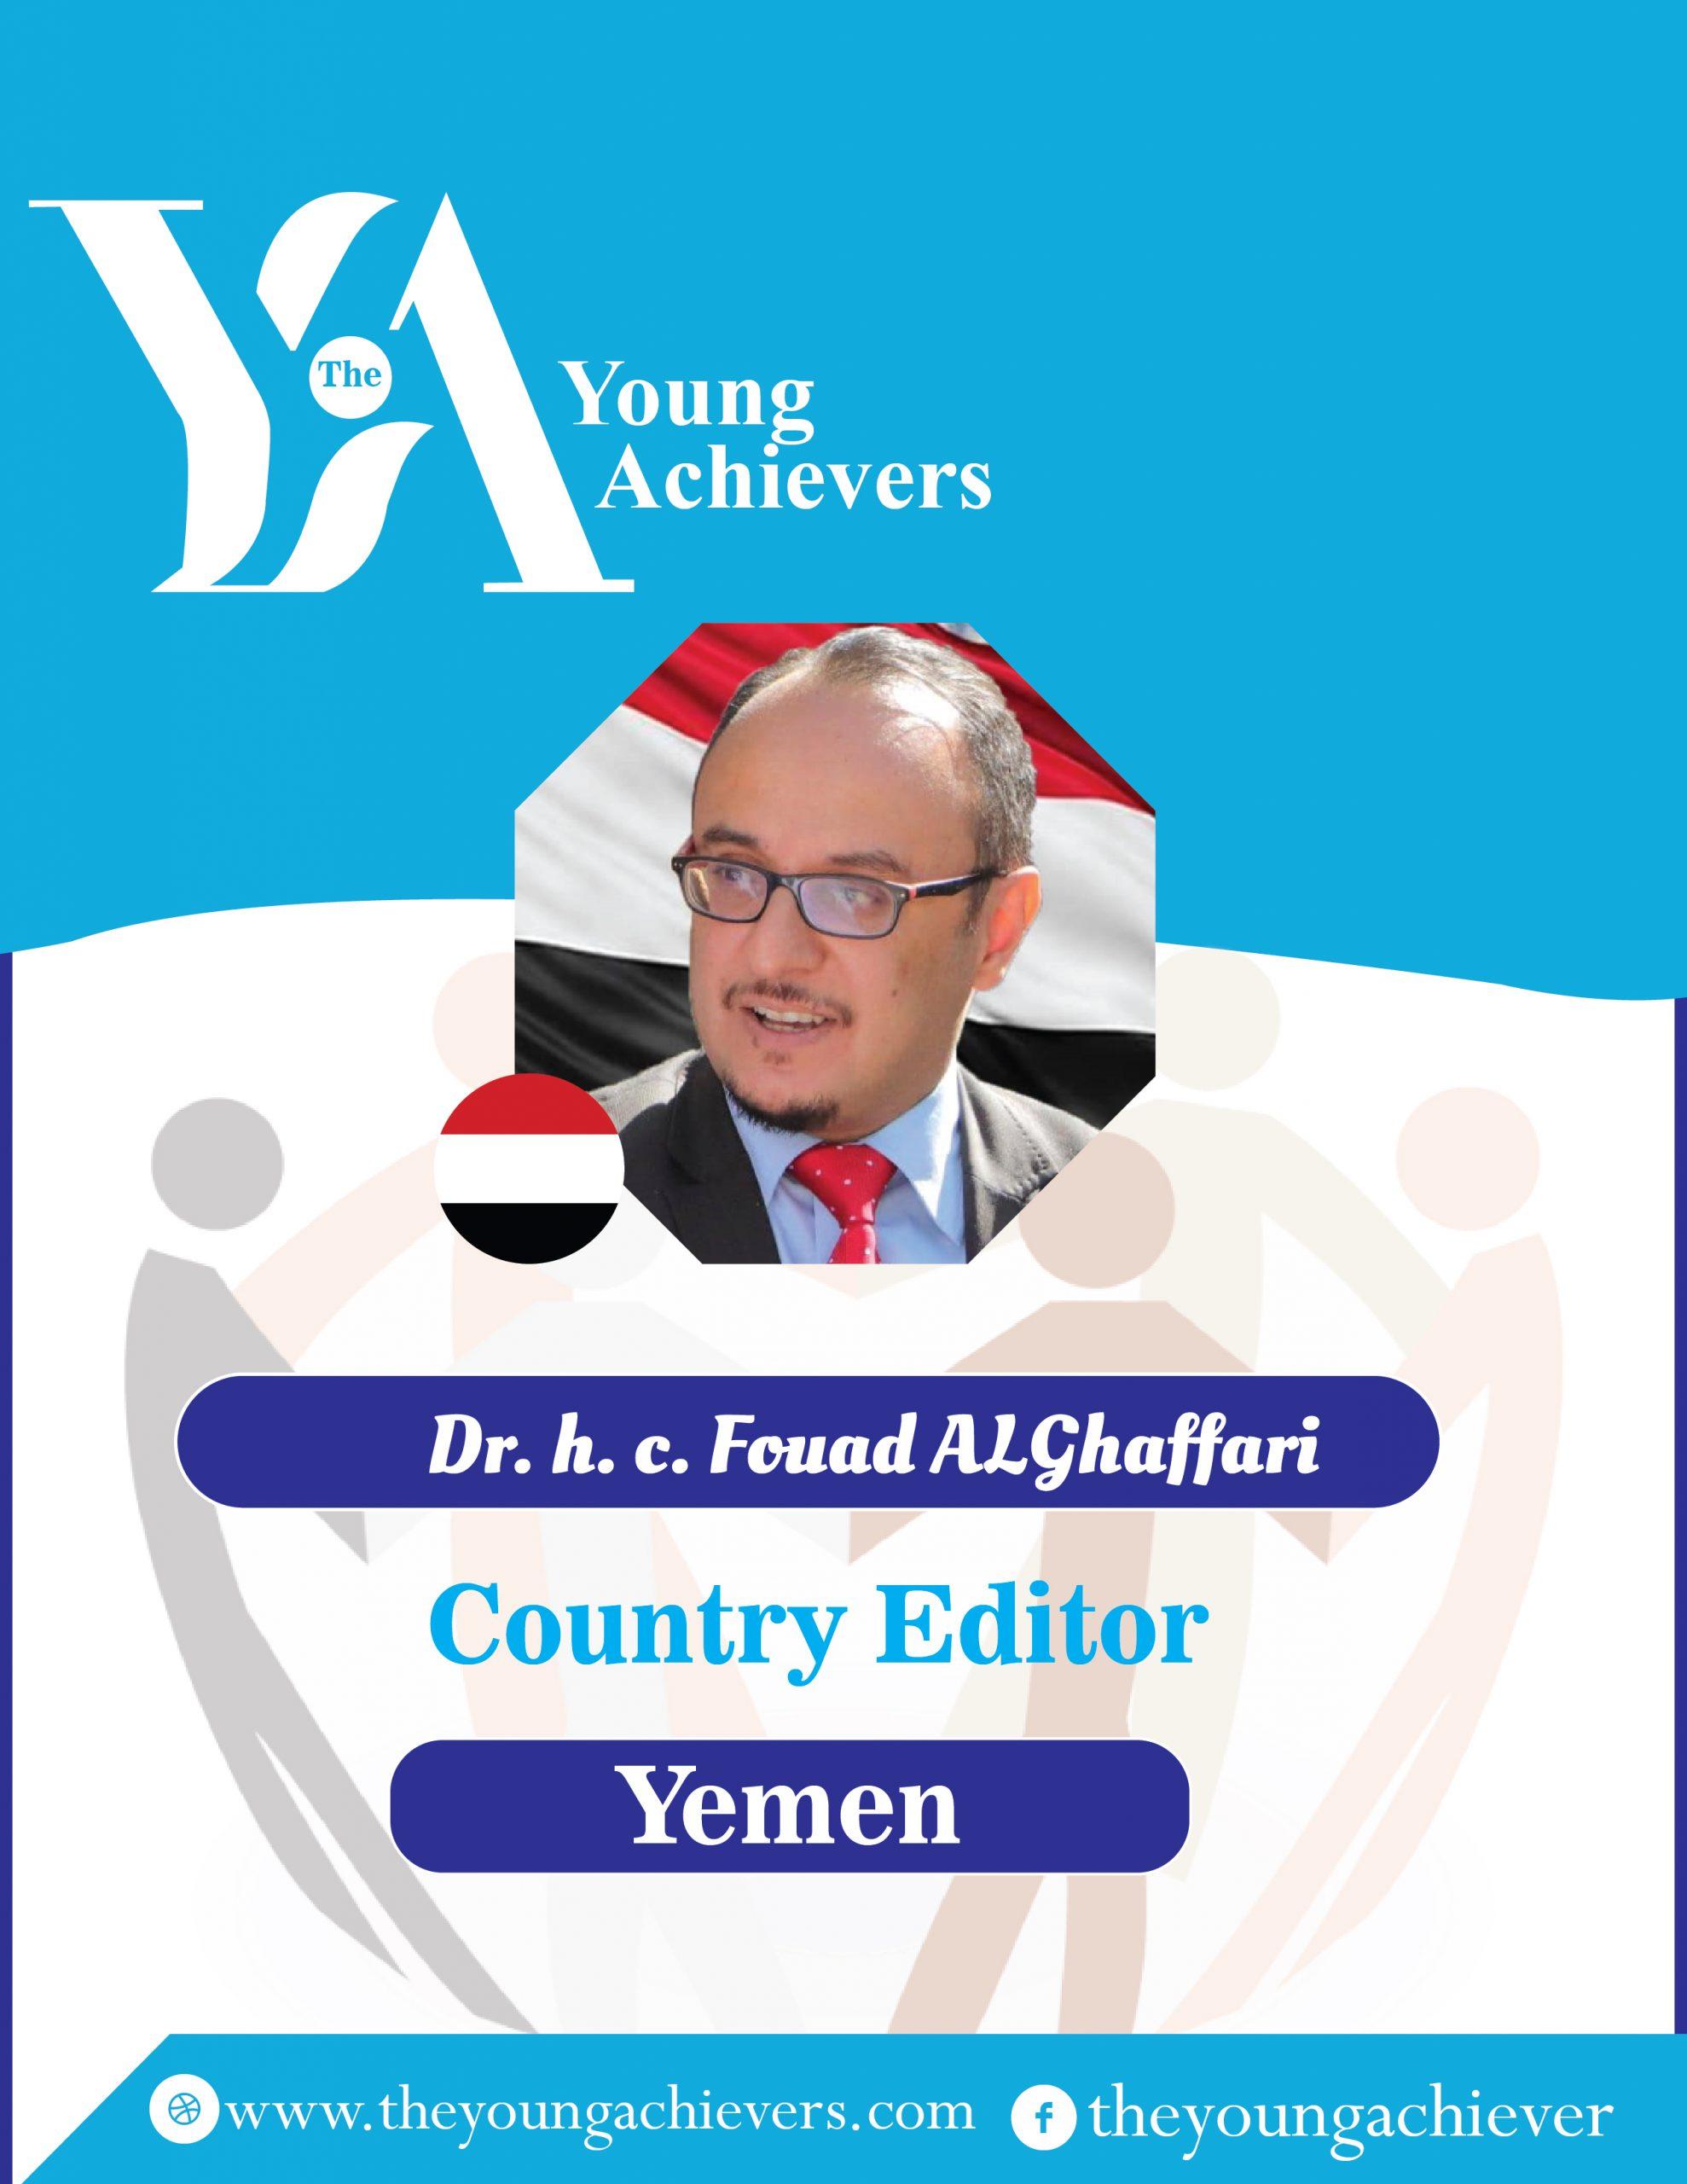 Dr. h. c. Fouad ALGhaffar